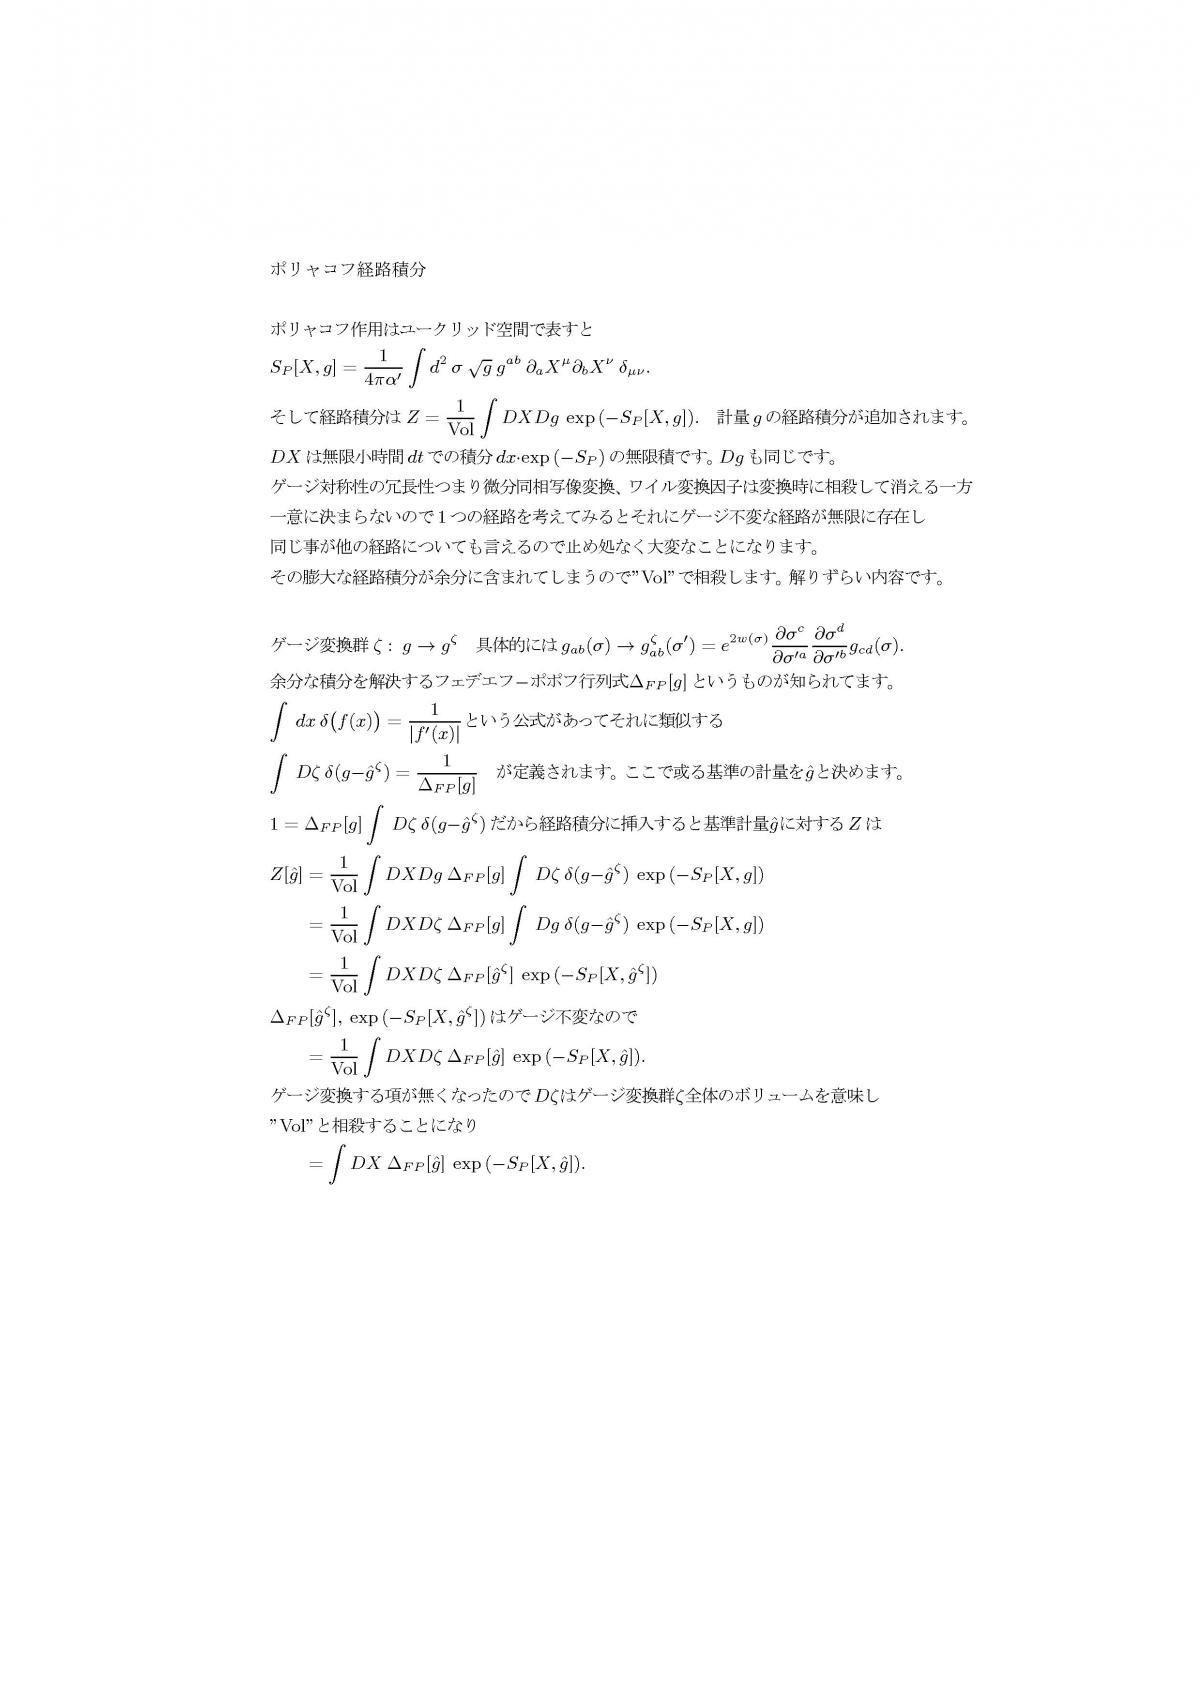 pgen12a.jpg